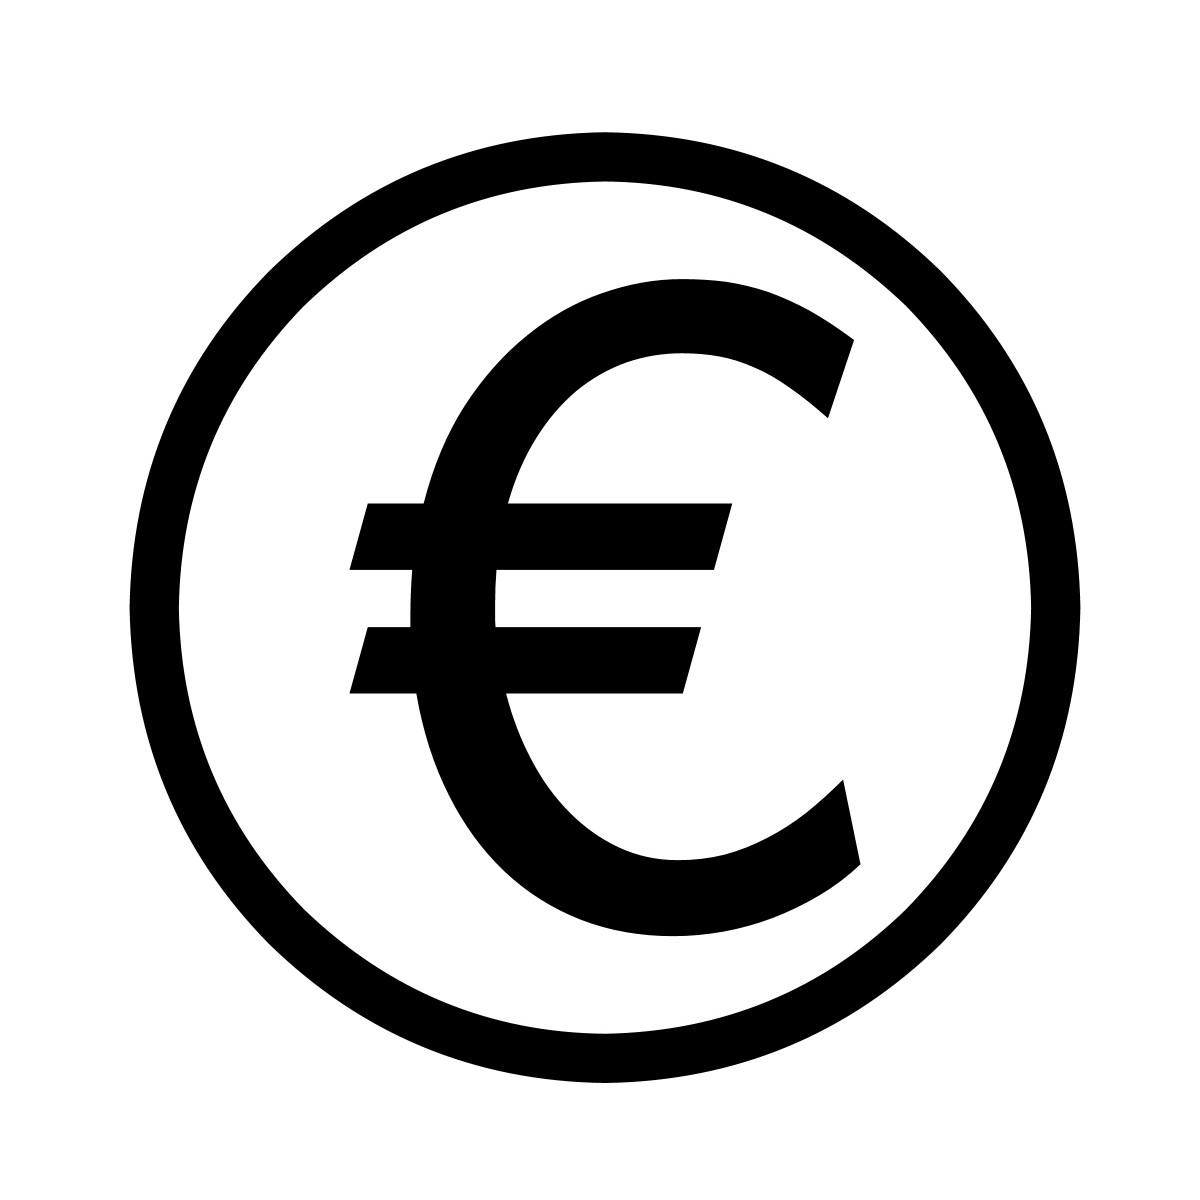 профессиональный значки валюты картинки следует соорудить что-то